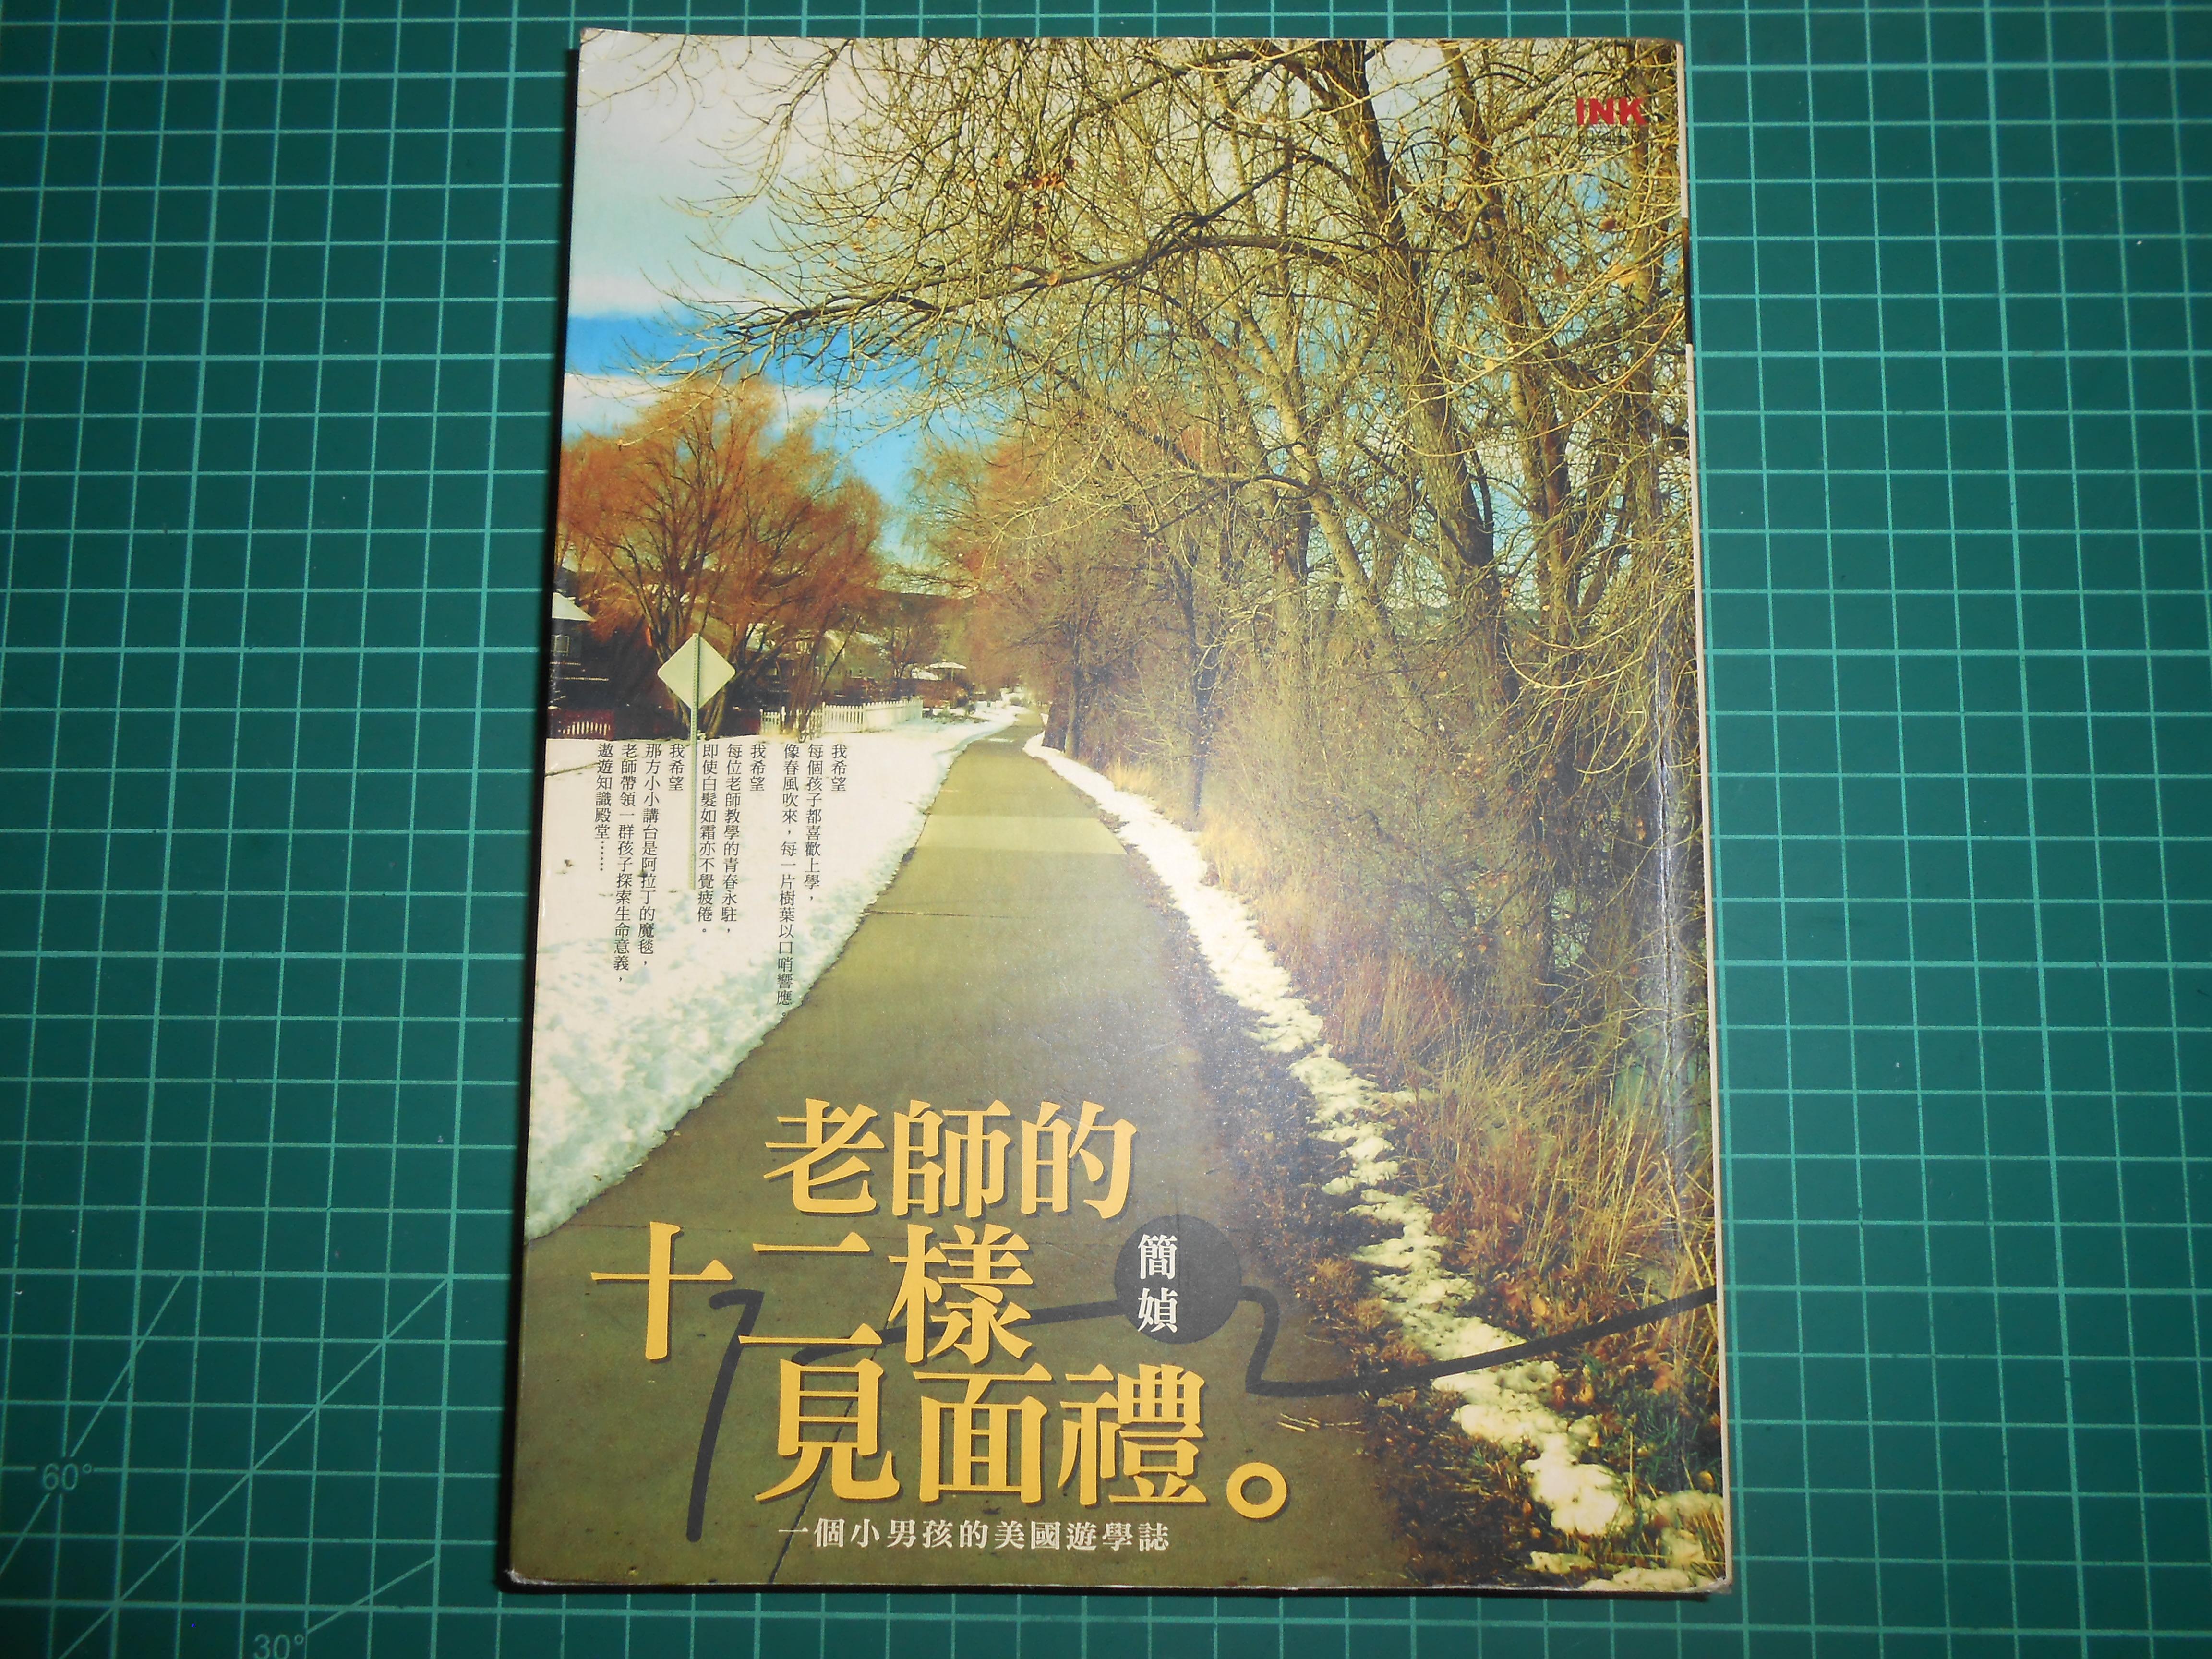 親簽收藏《老師的十二樣見面禮 ~ 一個小男孩的美國遊學誌》 簡媜著  INK印刻  民2007年初版【CS超聖文化2讚】